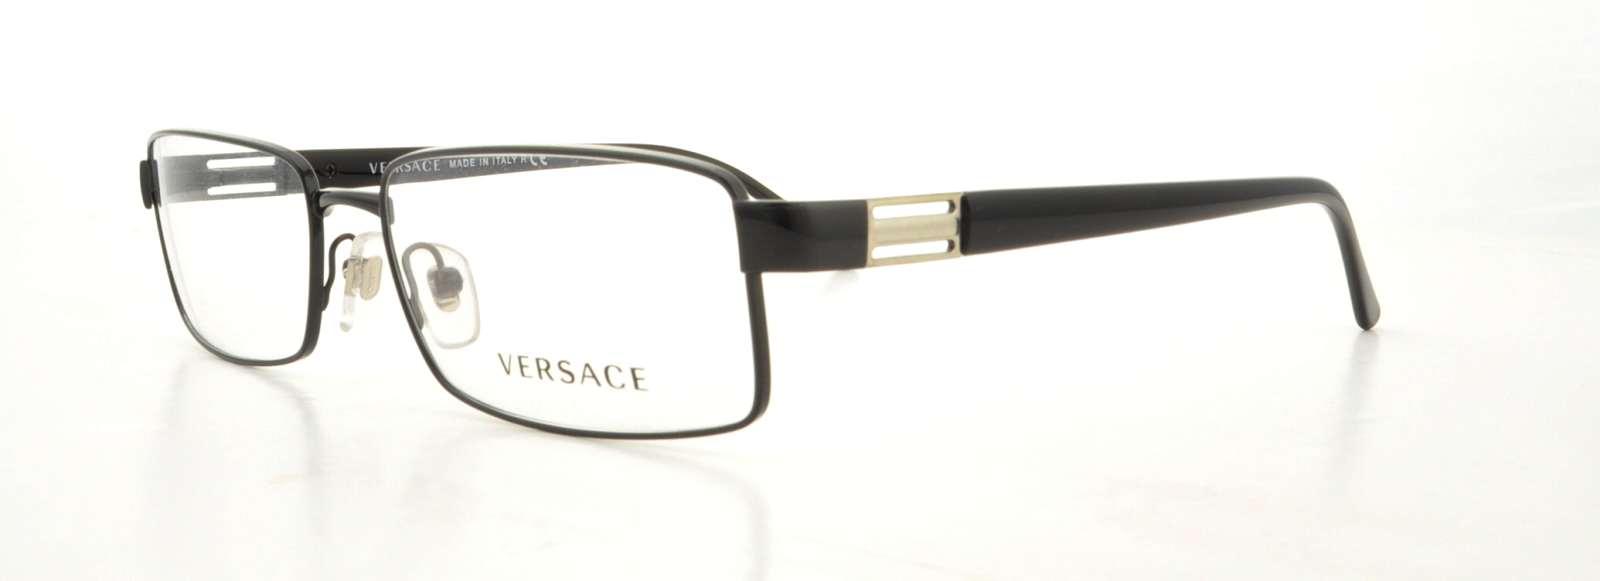 0493c2ee901 Designer Frames Outlet. Versace VE1120